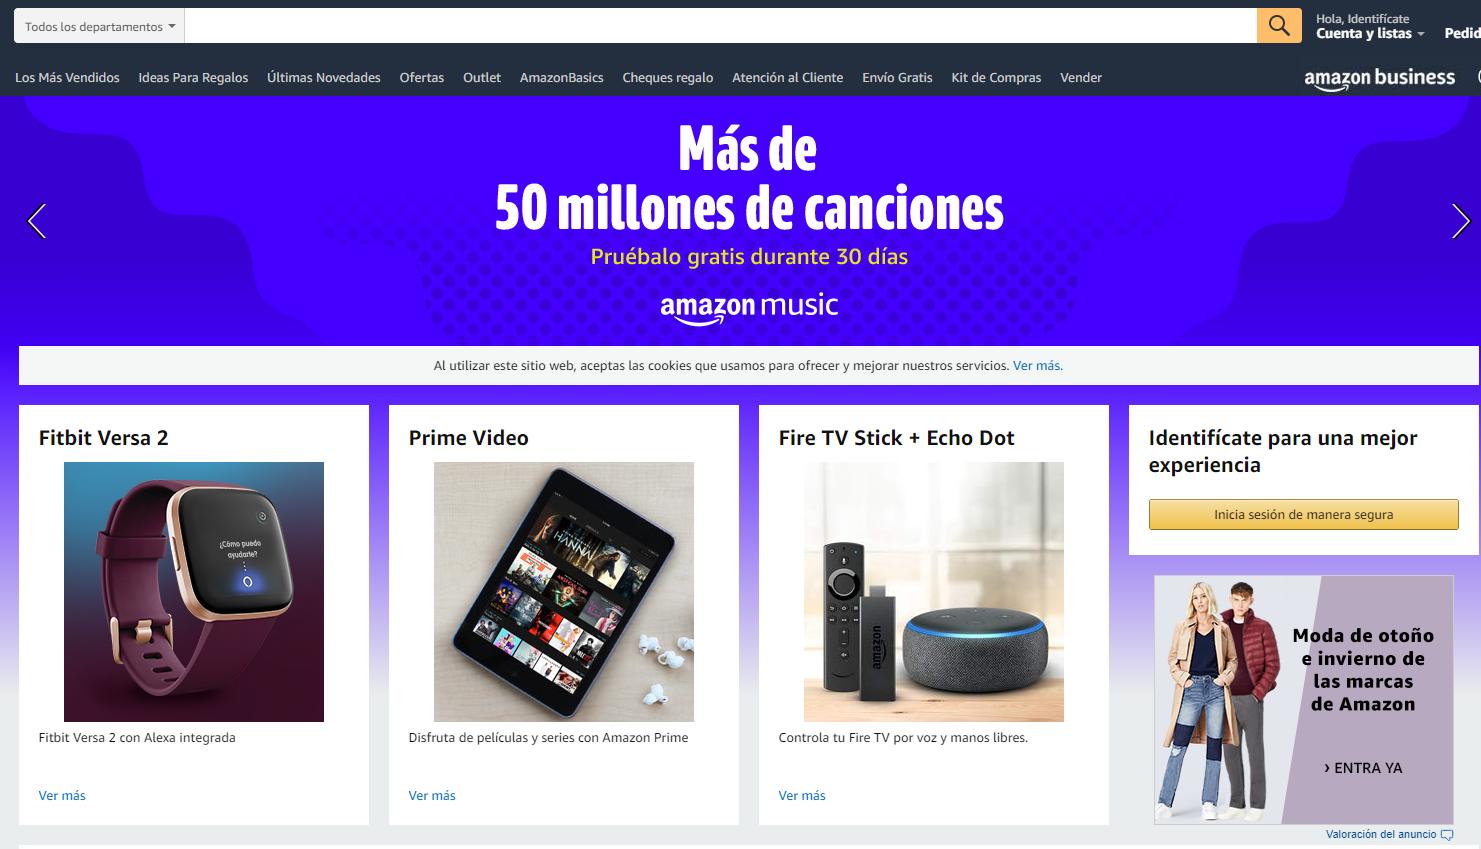 Página de ventas de Amazon